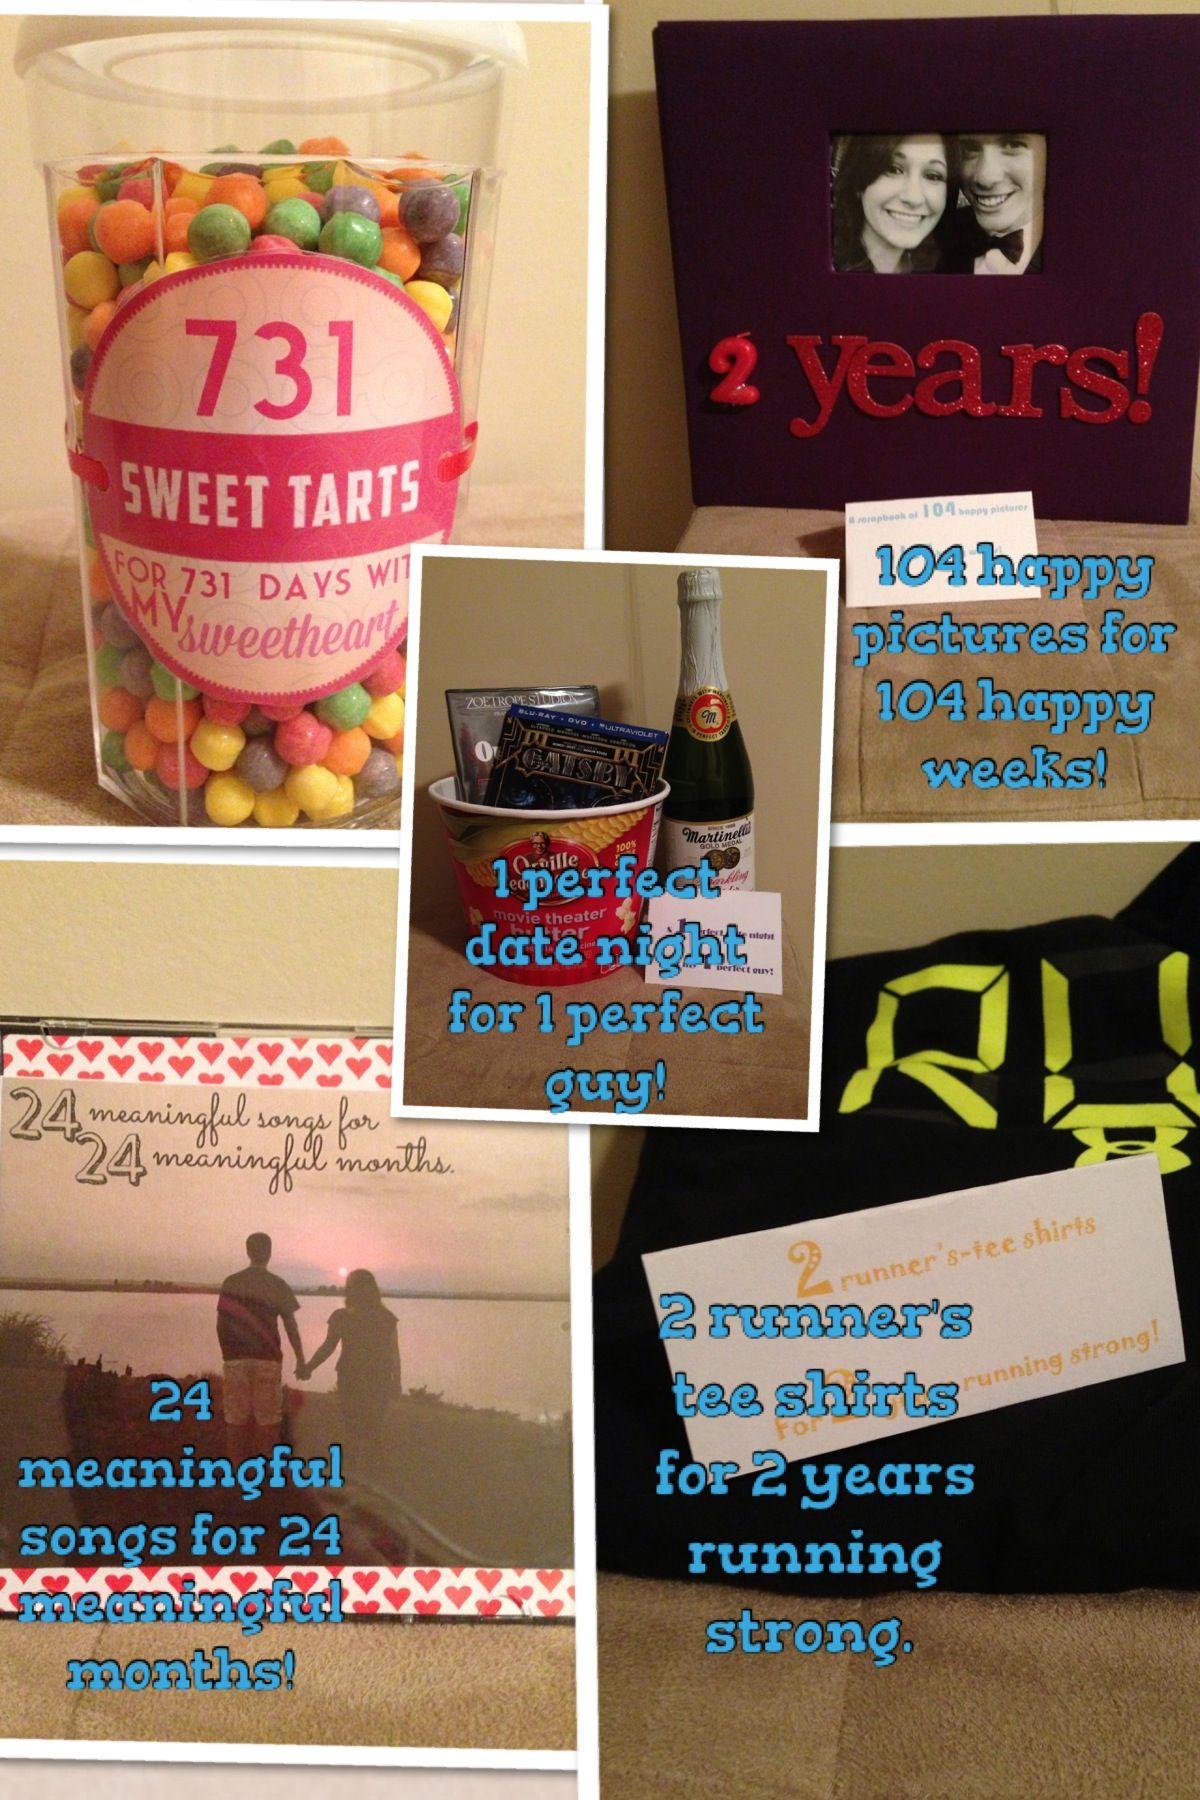 2 year anniversary for my boyfriend 2 year anniversary